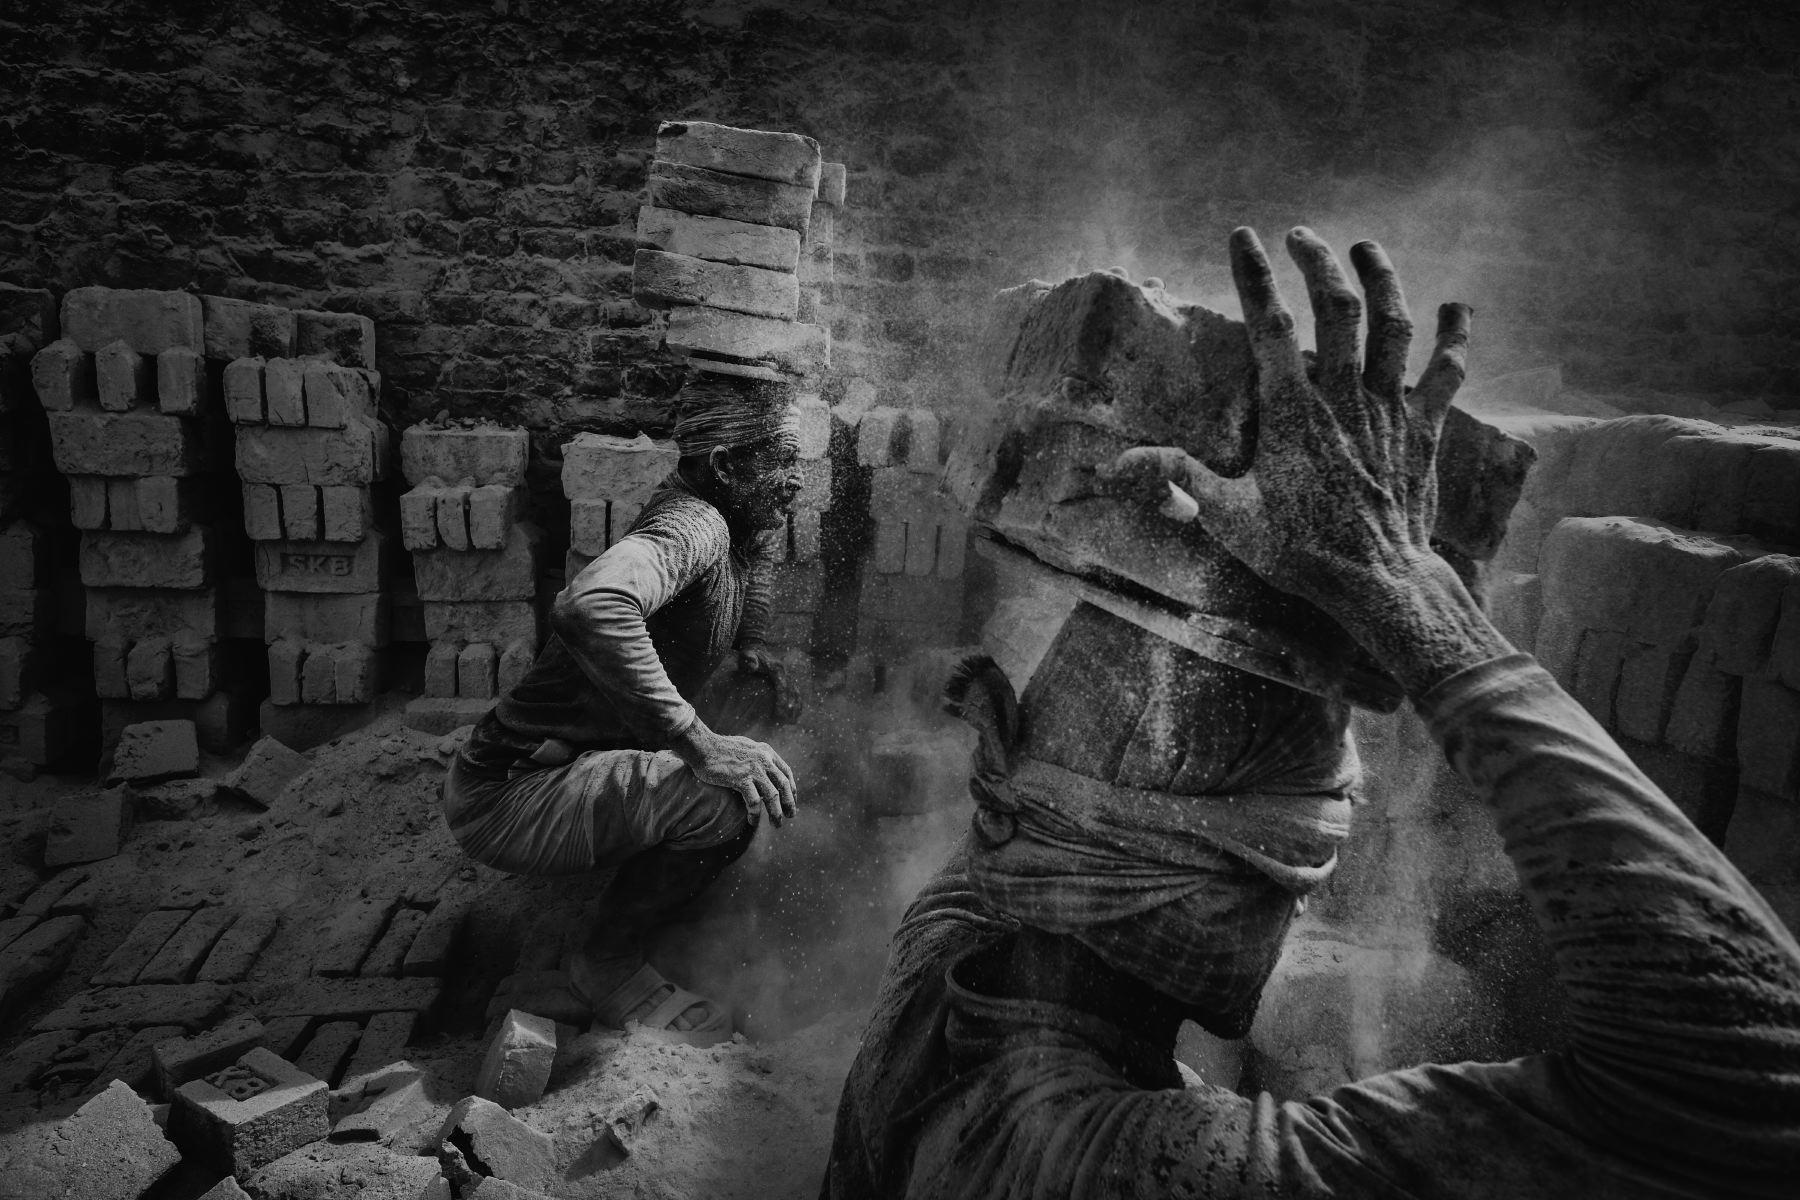 30_Alain_Schroeder_Brick_Prison_01.JPG